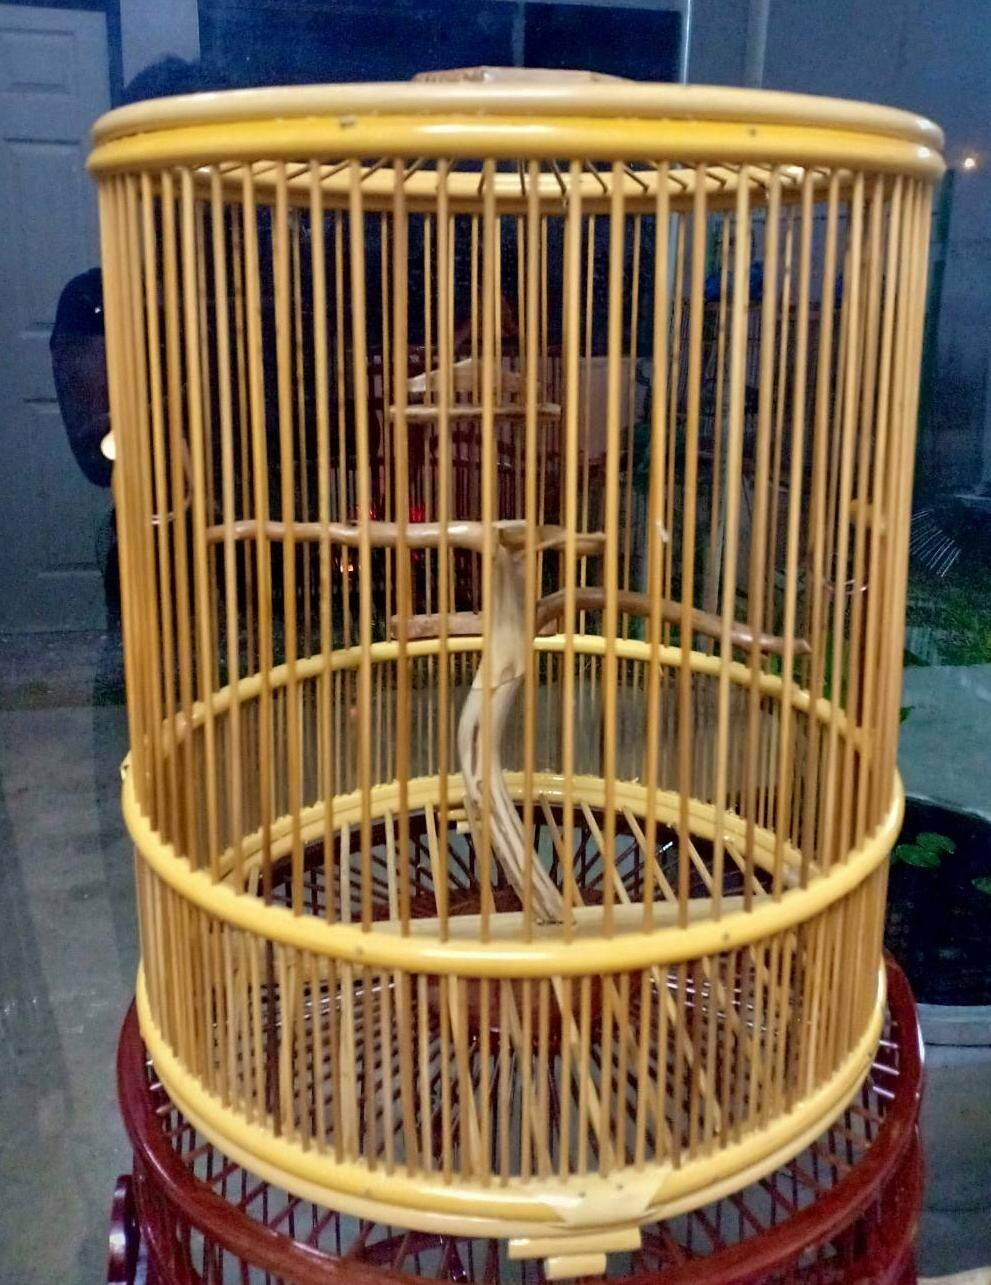 กรงหวาย ขนาด 10 นกกรงหัวจุก By Bird Khaoyai.